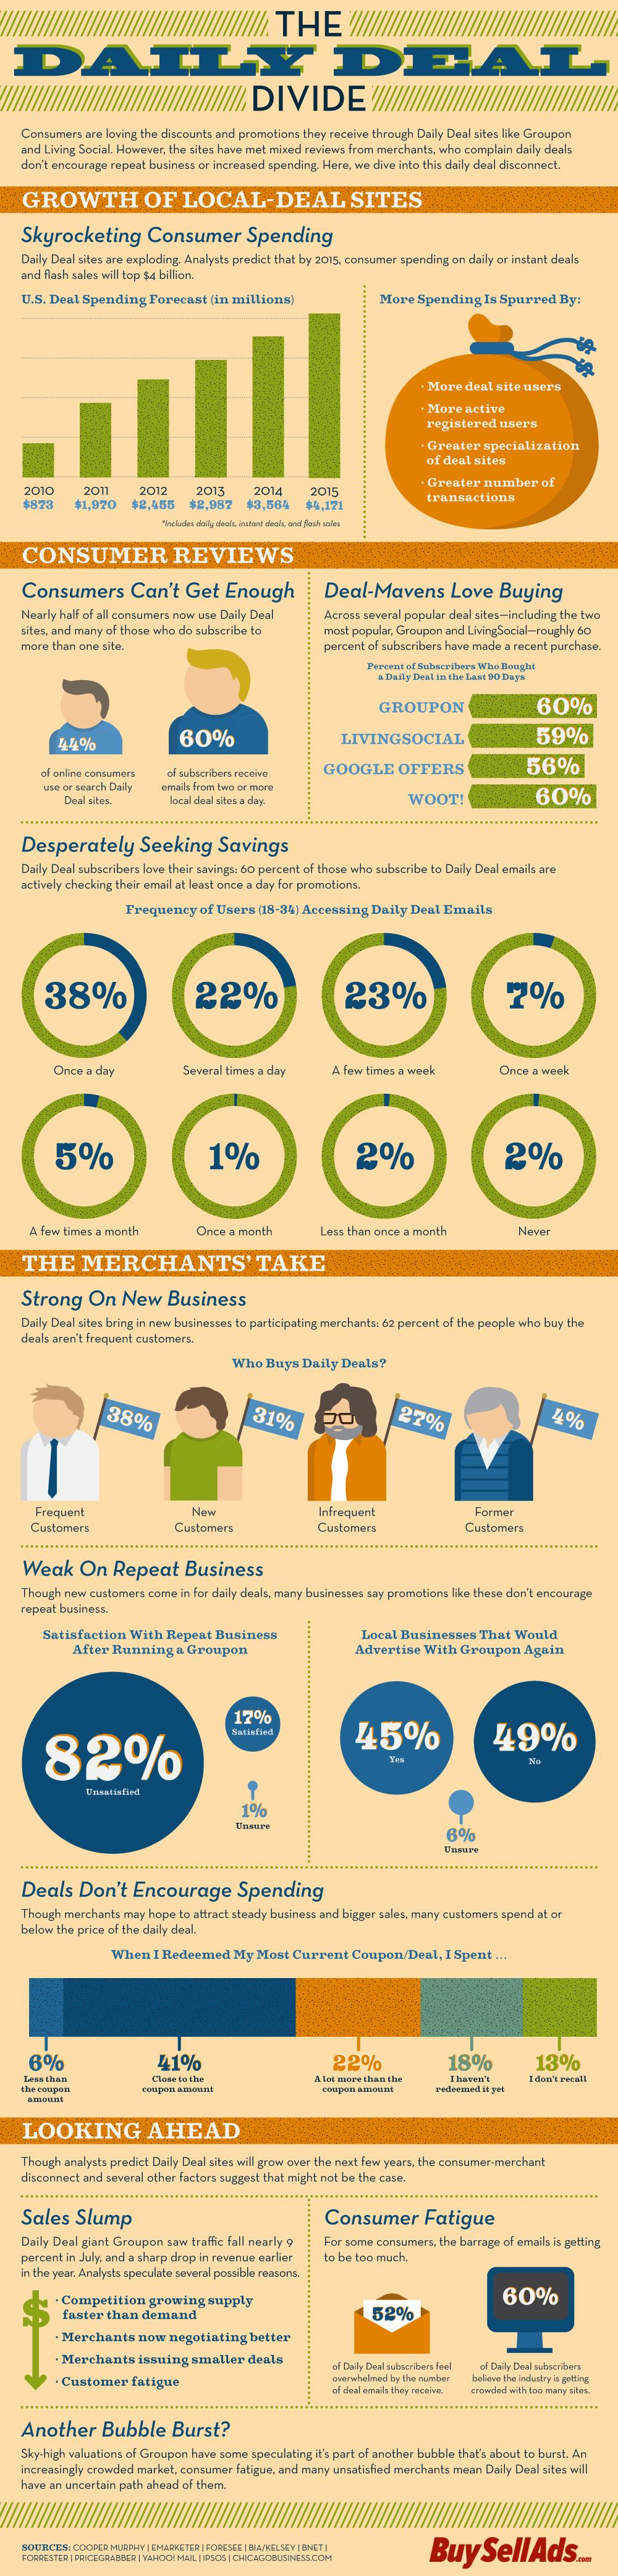 Infografía: Las ofertas diarias atraen nuevos clientes, repiten el negocio con más dificultad